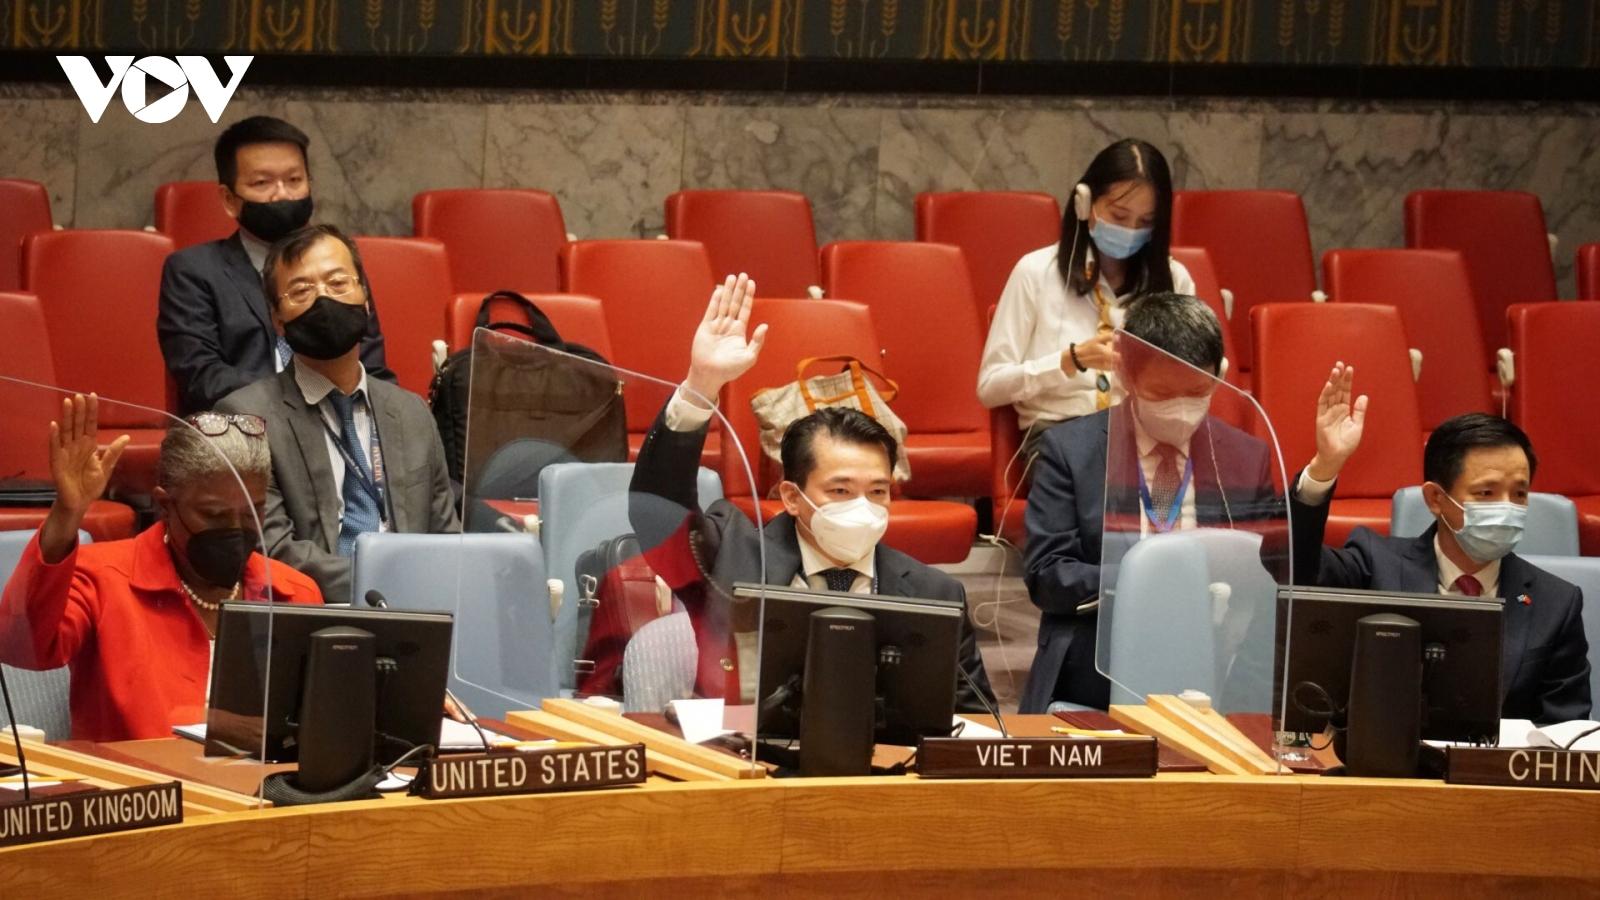 Hội đồng Bảo an Liên Hợp quốc thông qua 2 nghị quyết về Afghanistan và Iraq